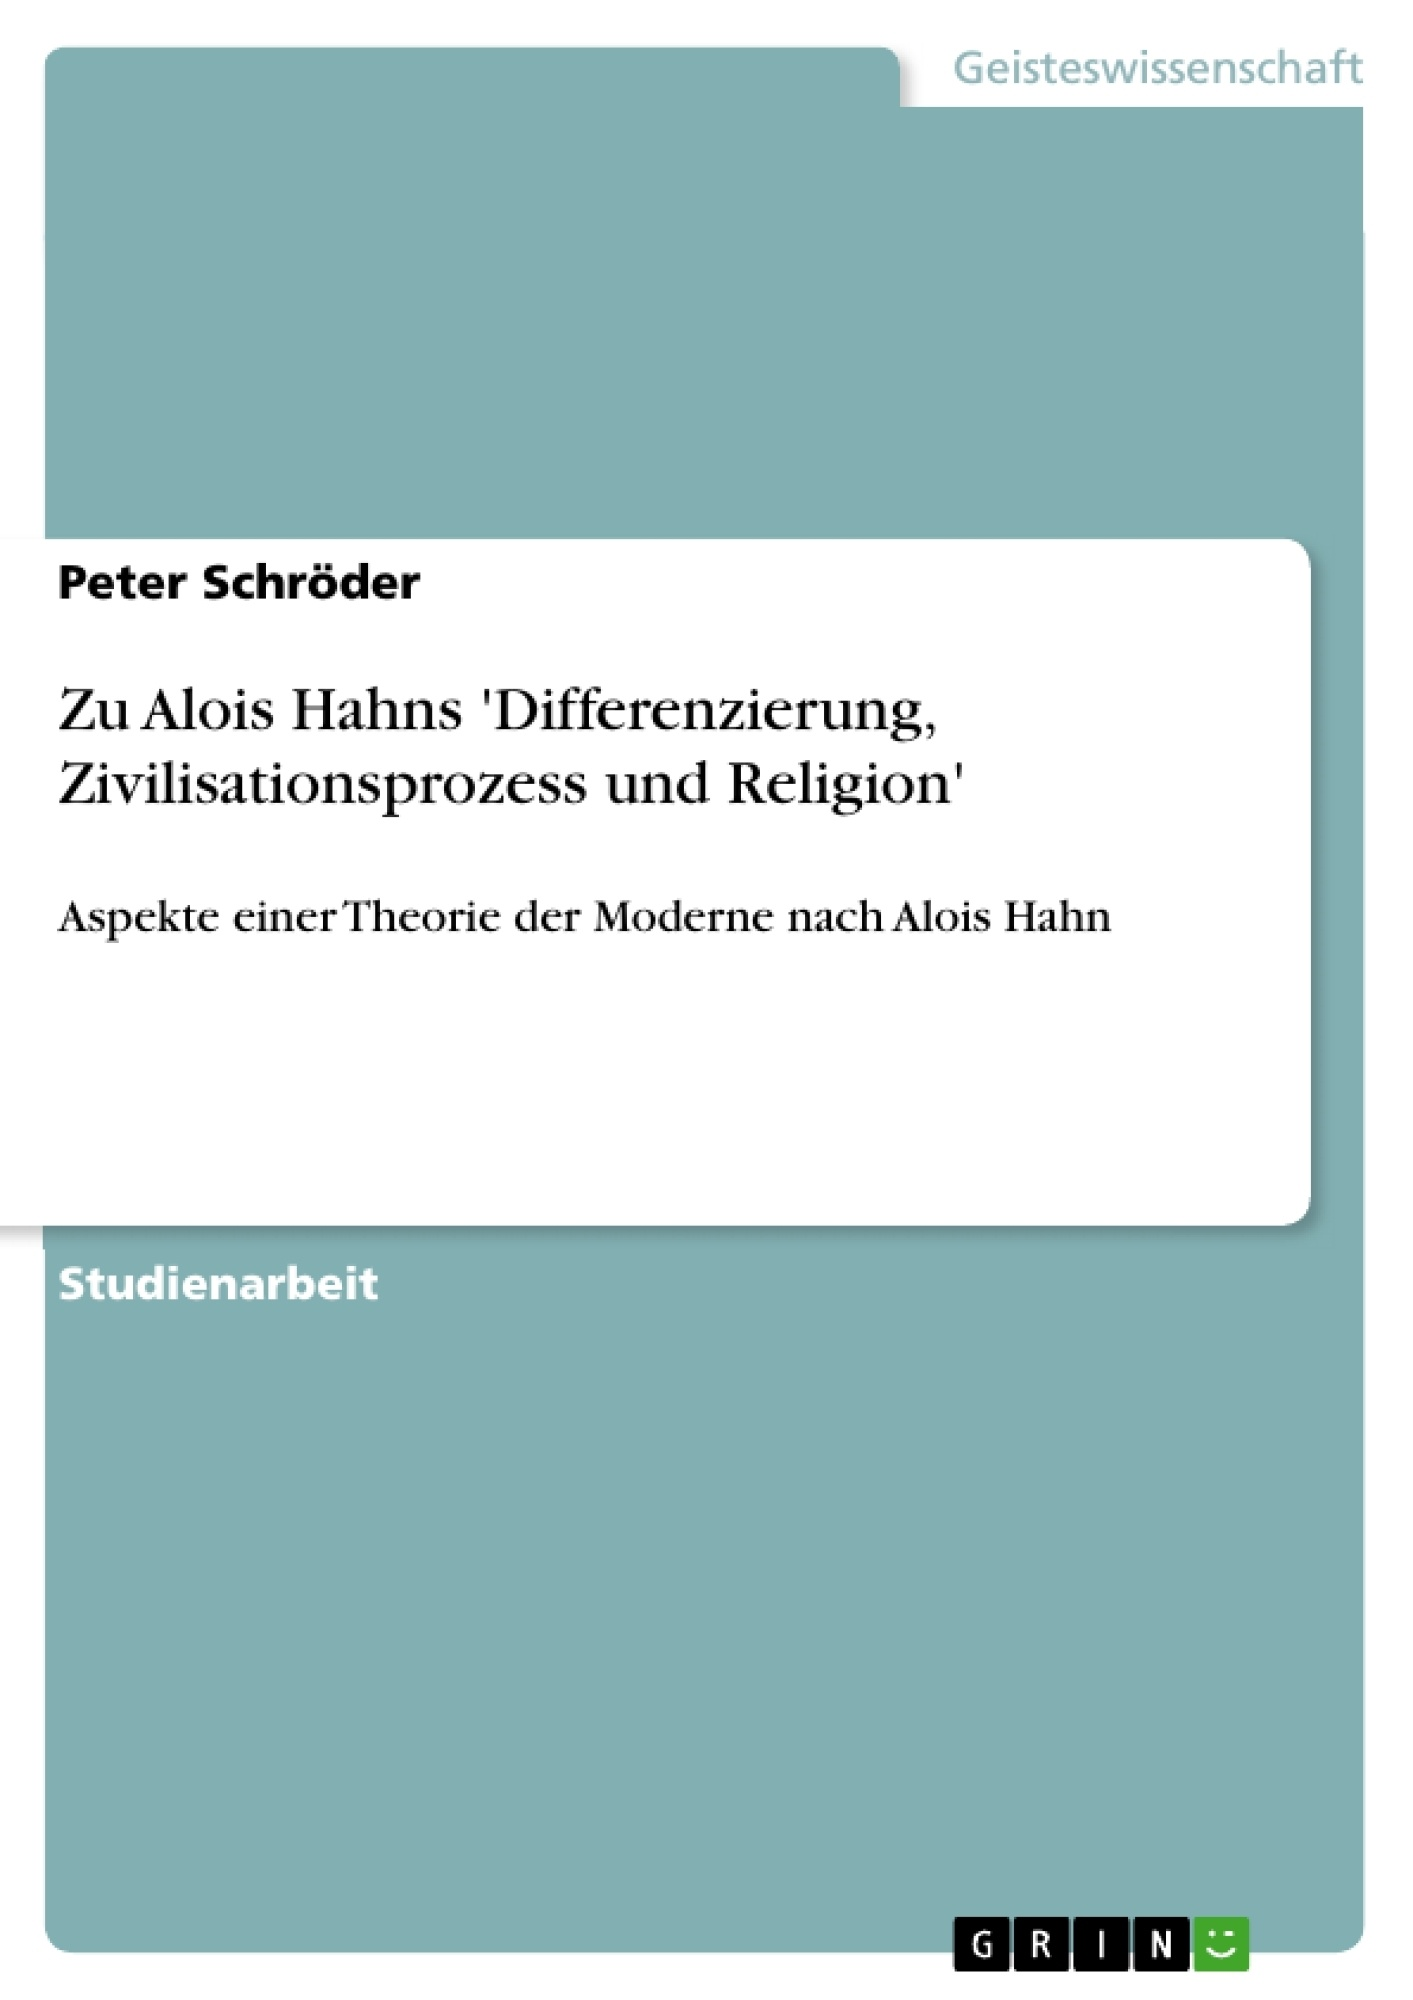 Titel: Zu Alois Hahns 'Differenzierung, Zivilisationsprozess und Religion'